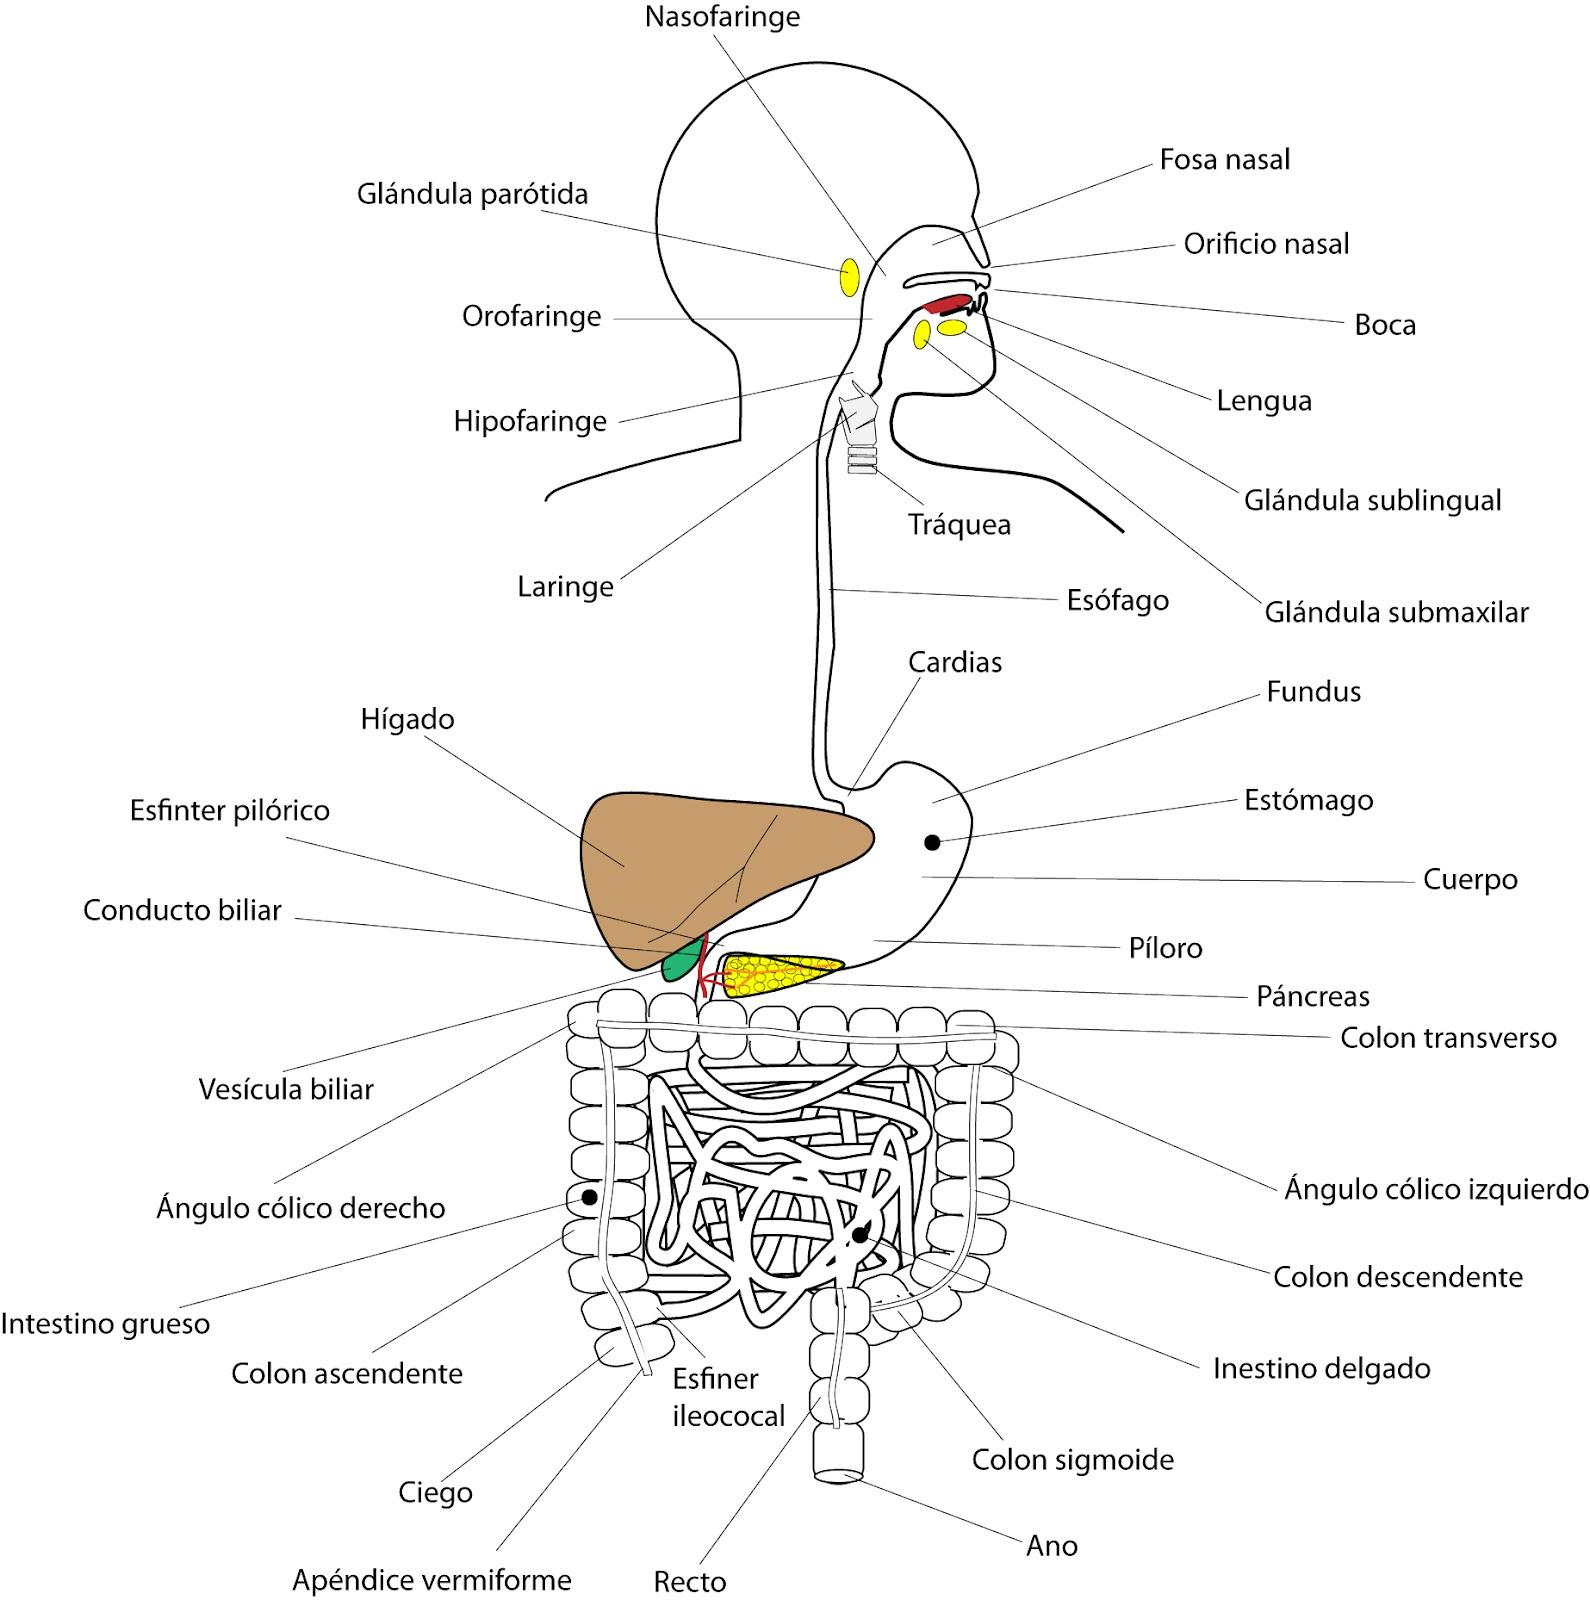 Esquema con las partes del sistema digestivo - Imagui